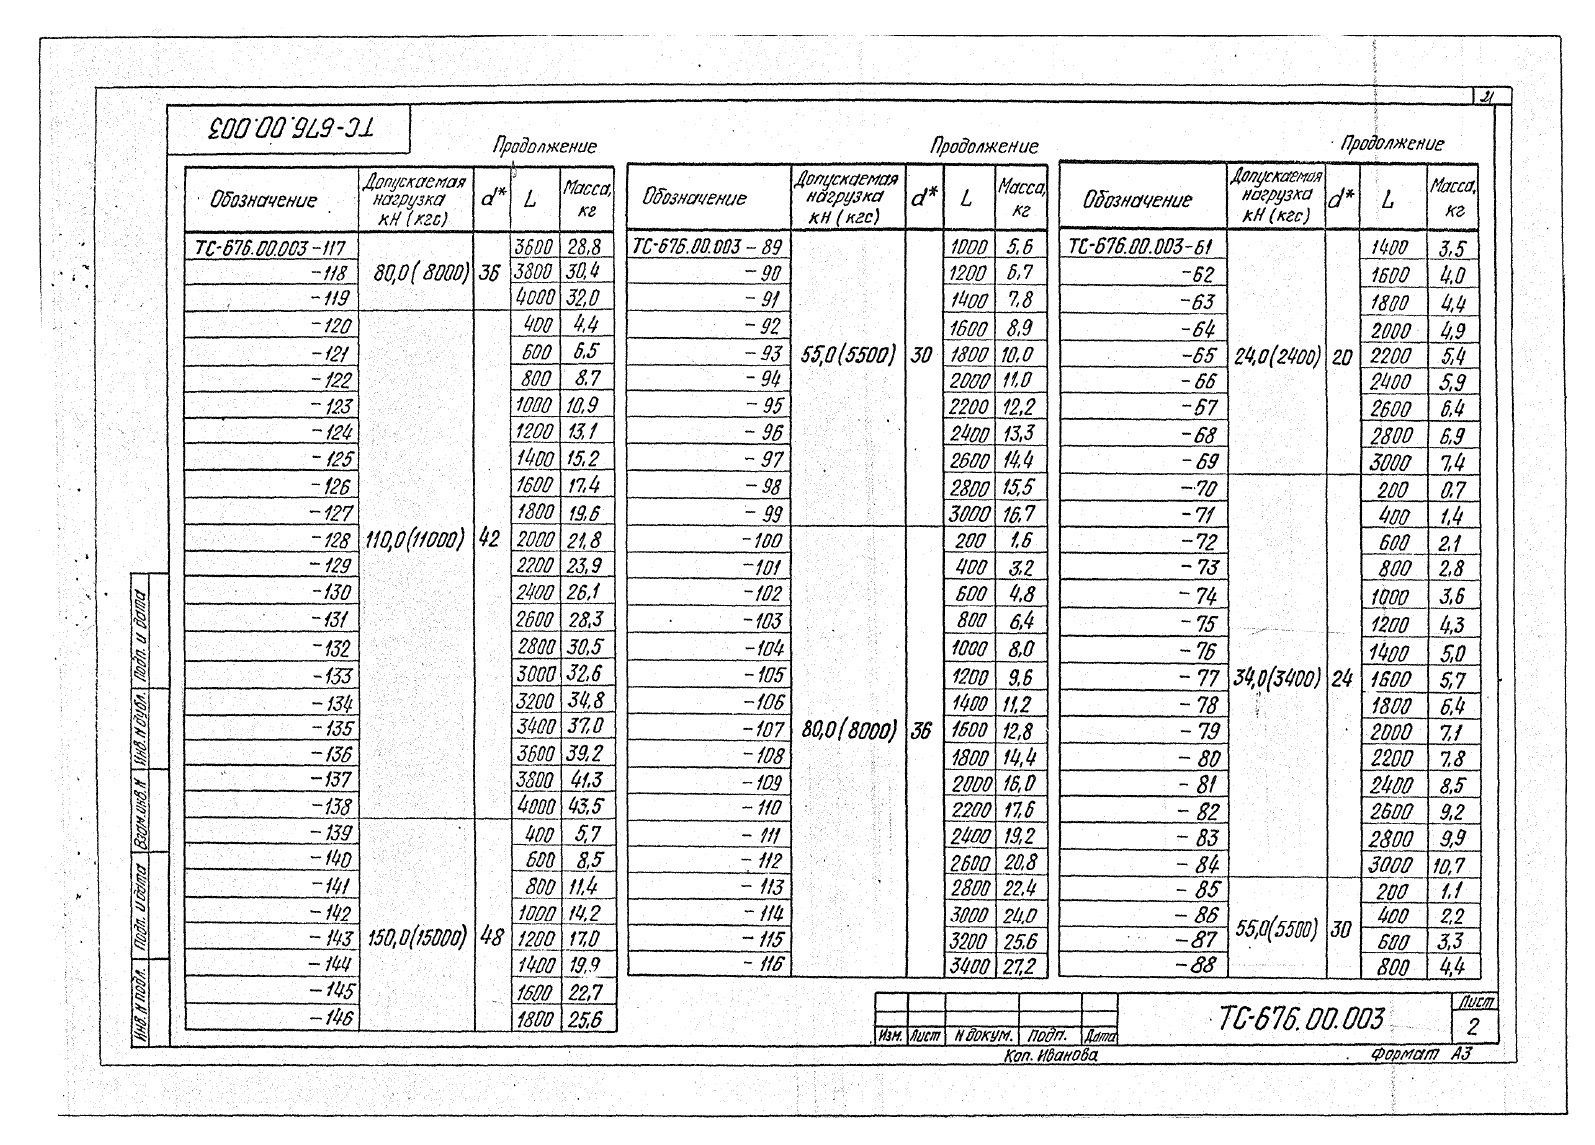 Подвески жесткие Дн 25-45 ТС-676 с.5.903-13 вып.6-95 стр.6